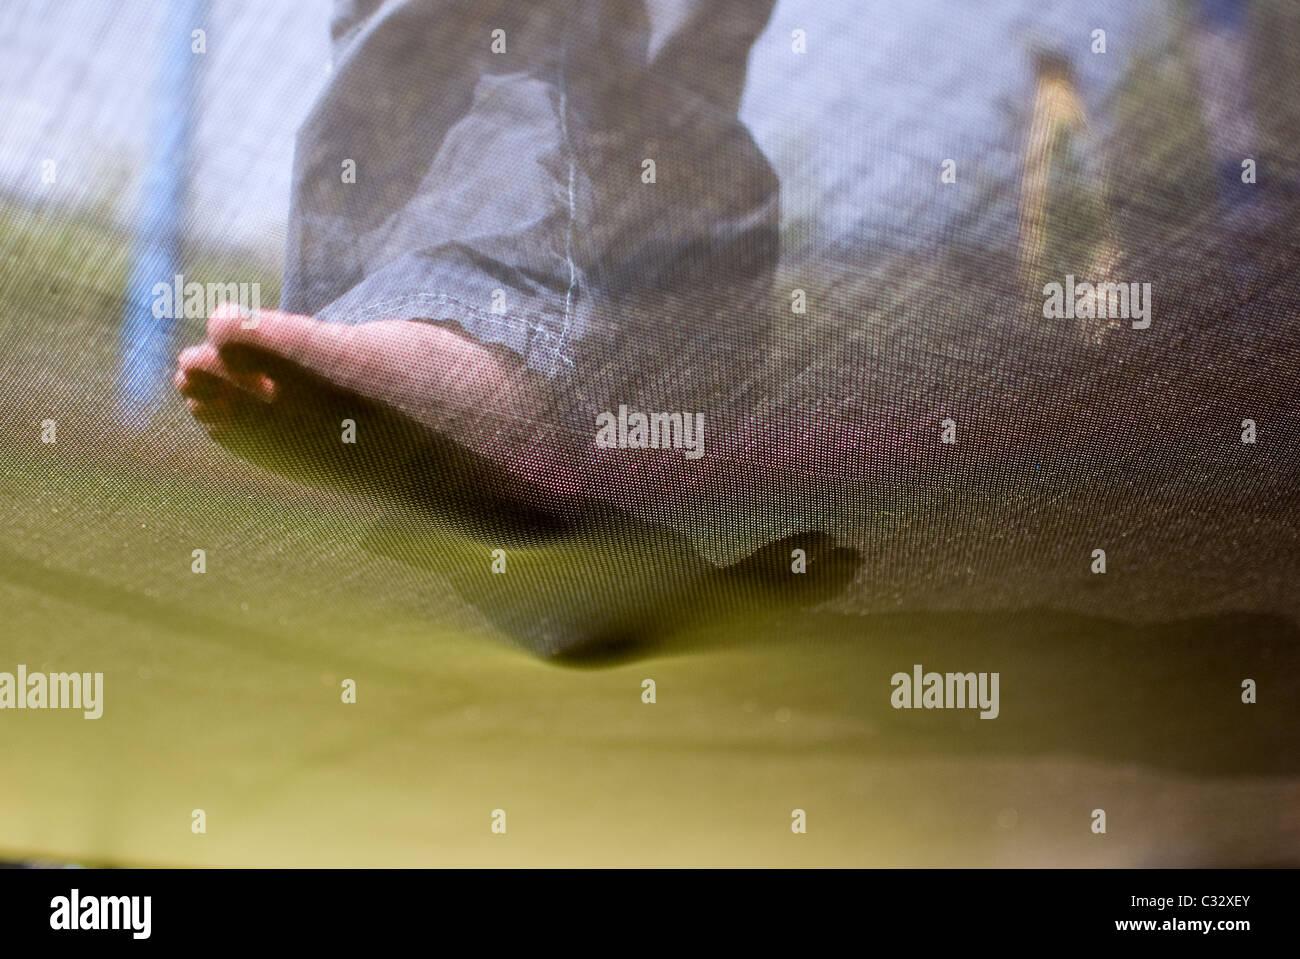 En dessous des pieds sur pied,trampoline, nu, pied, seule, l'étape,pieds,abstrait,trampoline sur pied,verruca Photo Stock